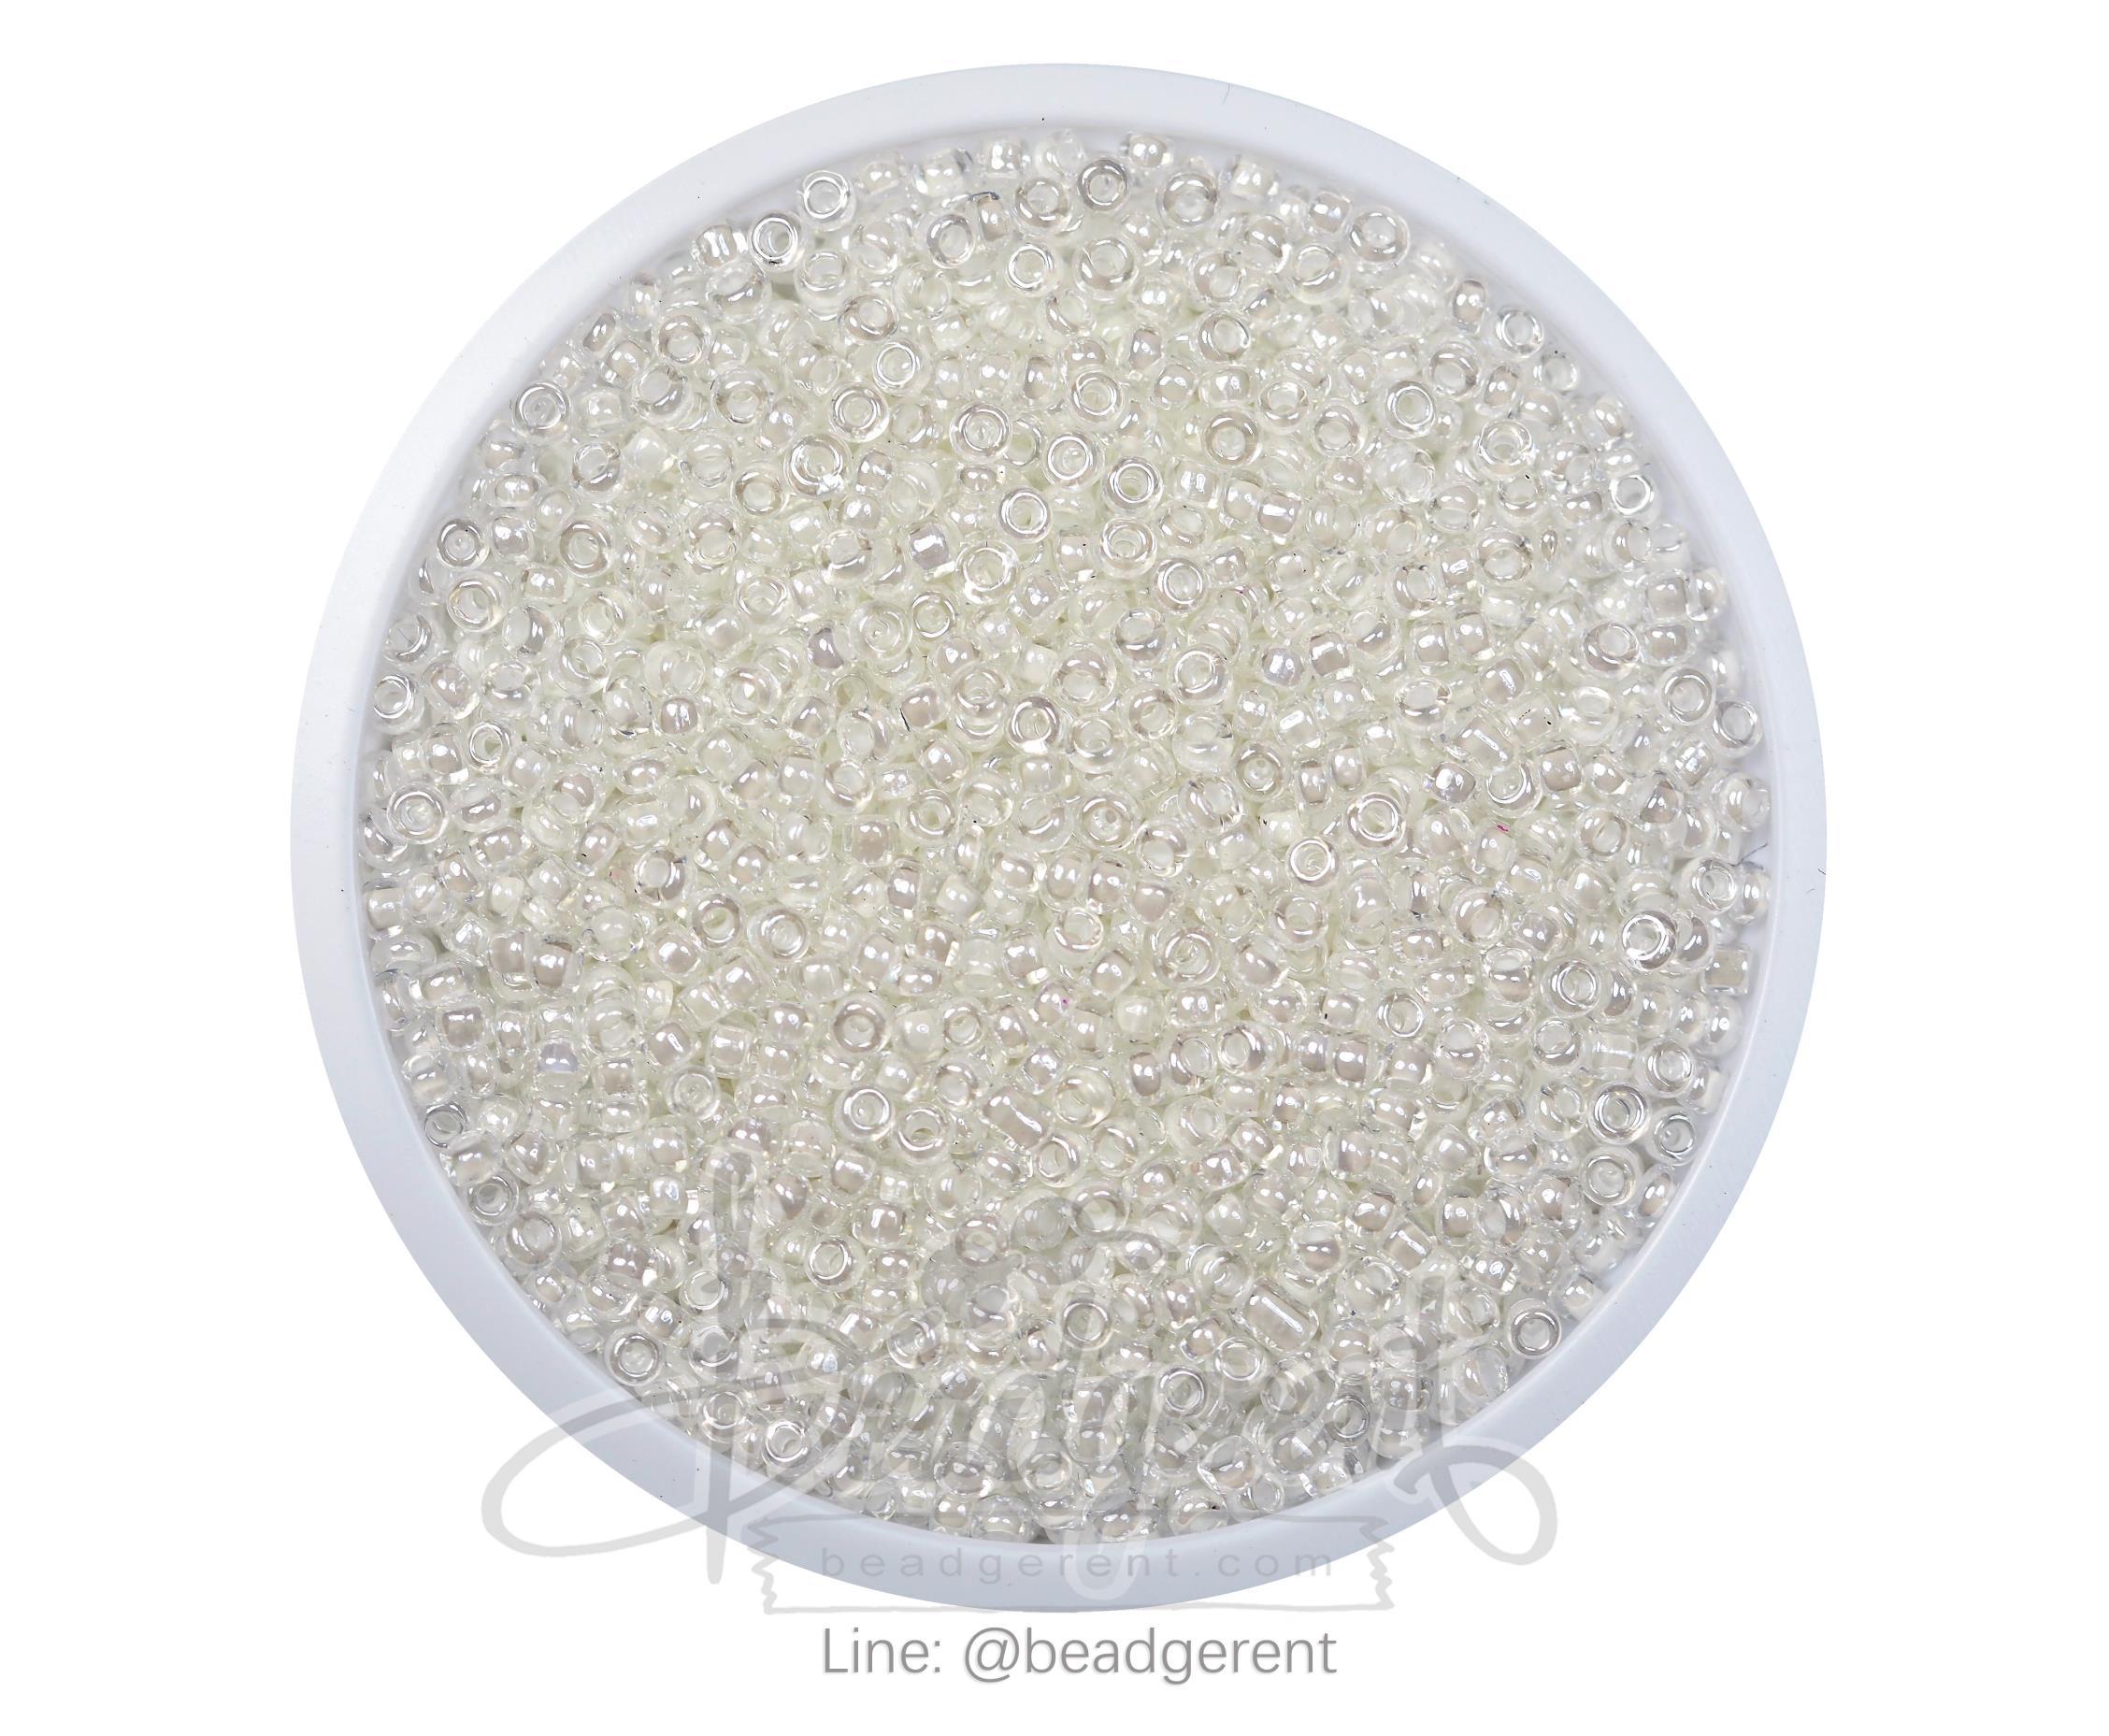 ลูกปัดเม็ดทราย 12/0 สอดไส้ สีขาว (100 กรัม)